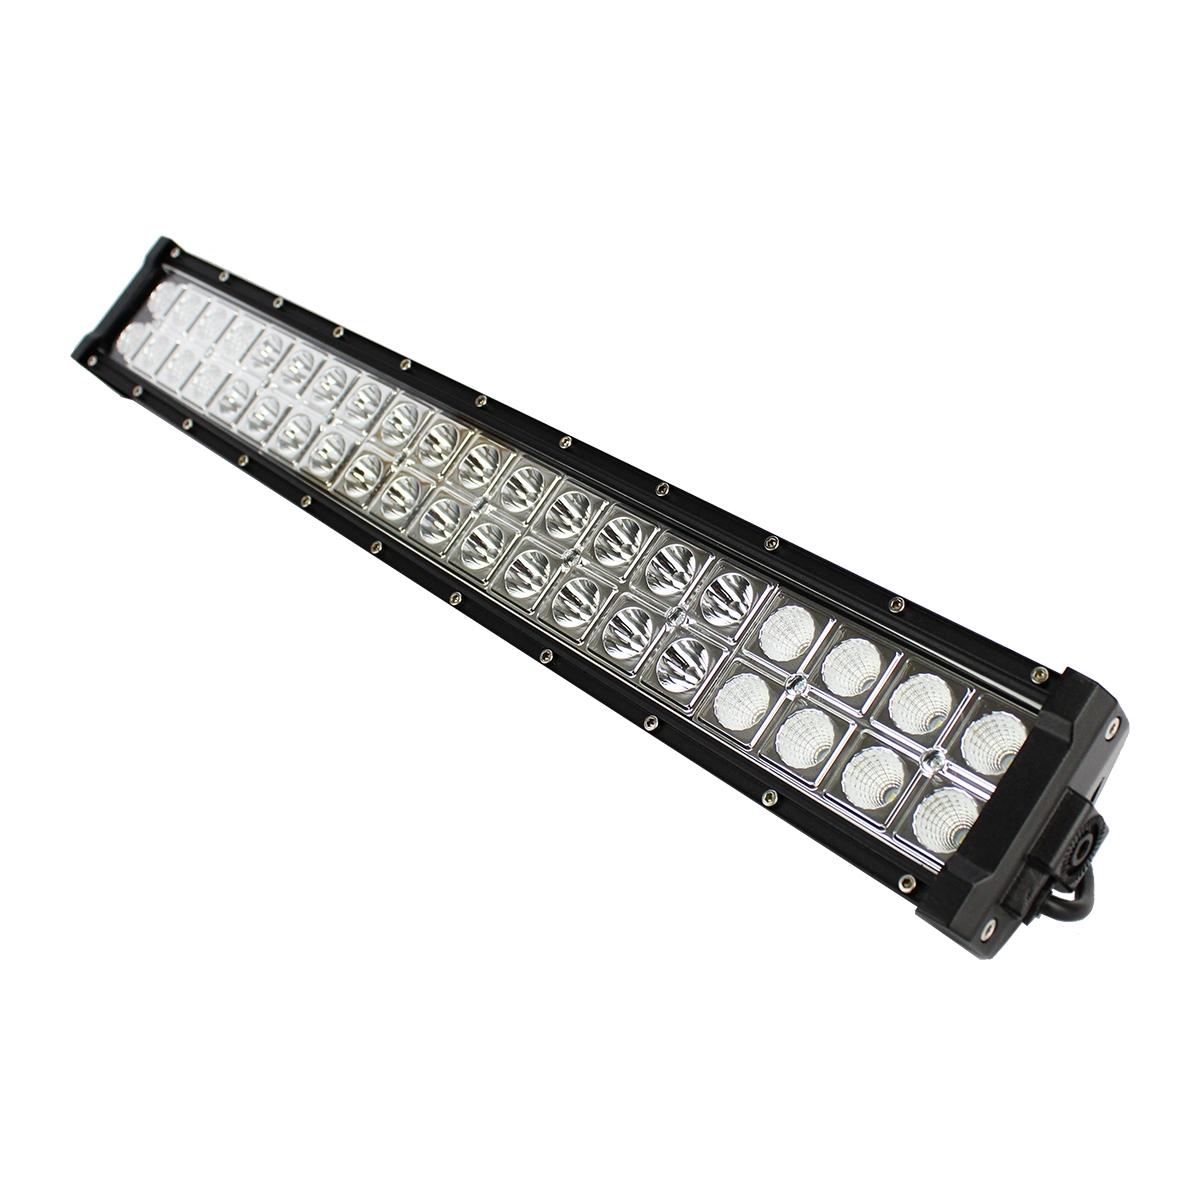 FAROL DE MILHA BARRA LED 40 LEDS BIVOLT 120W - JP2